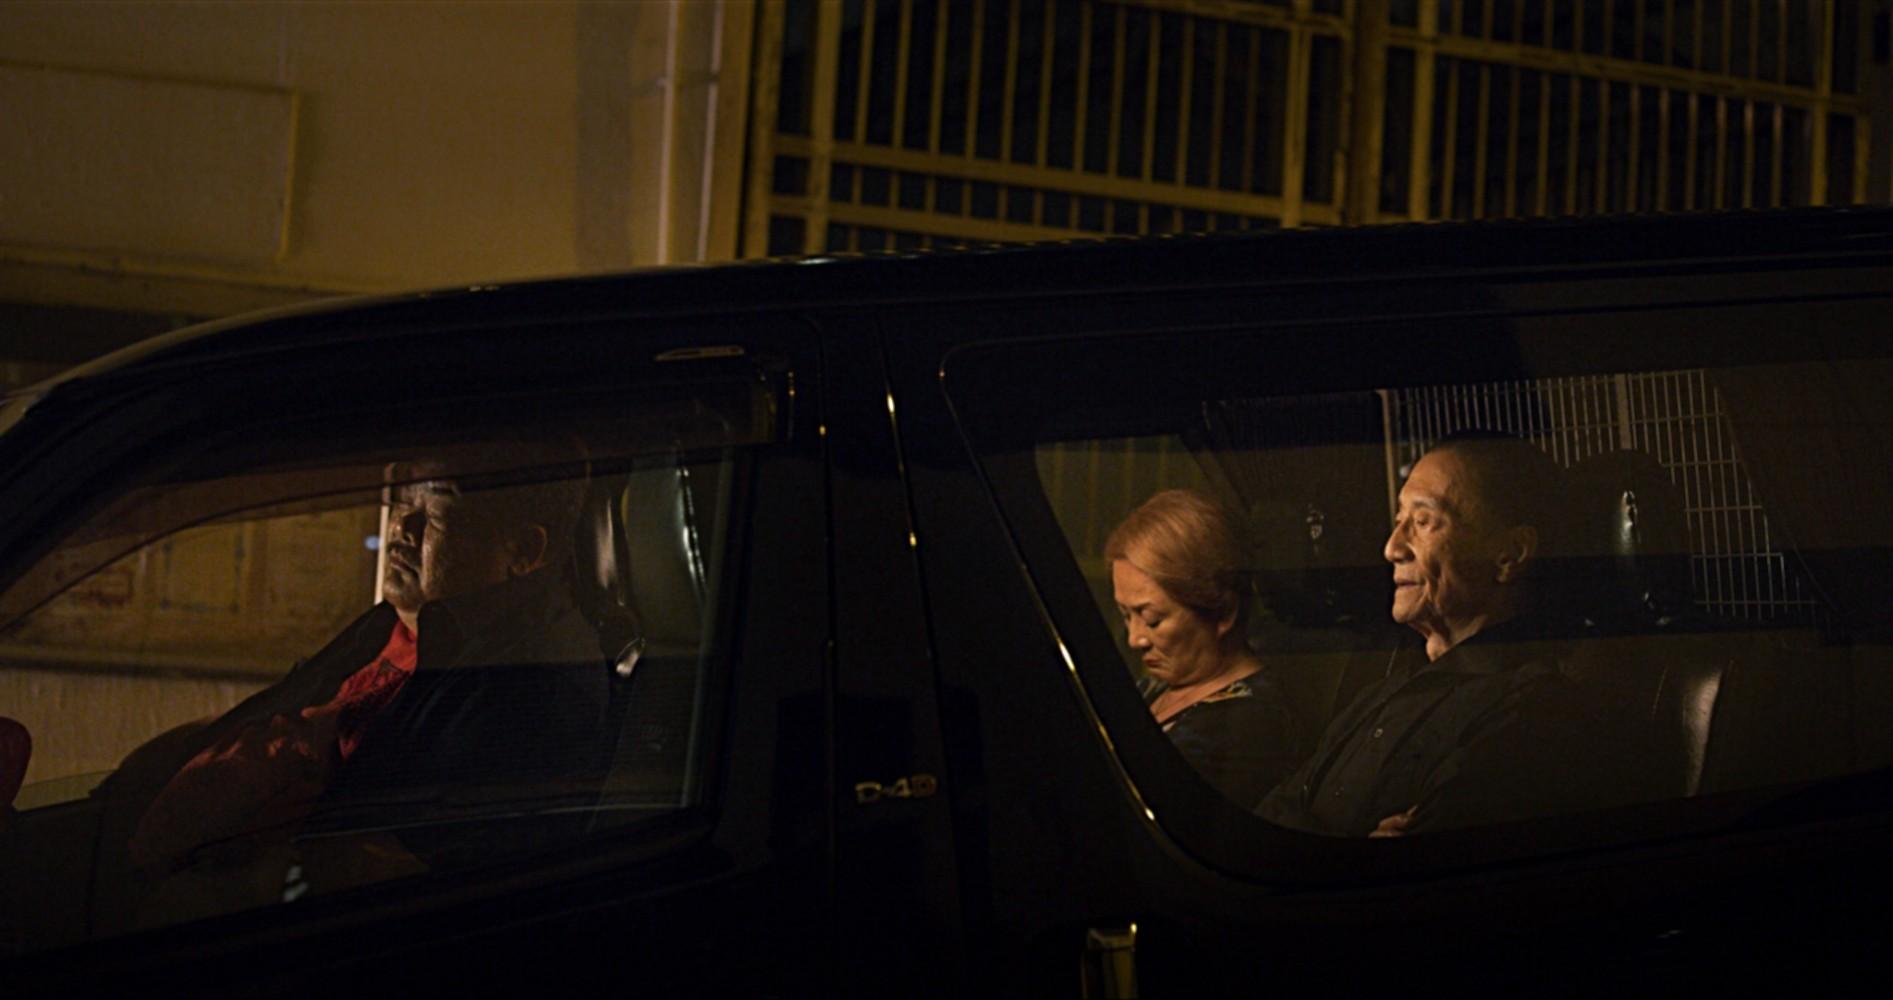 Time recensione film di Ricky Ko con Patrick Tse e Petrina Fung